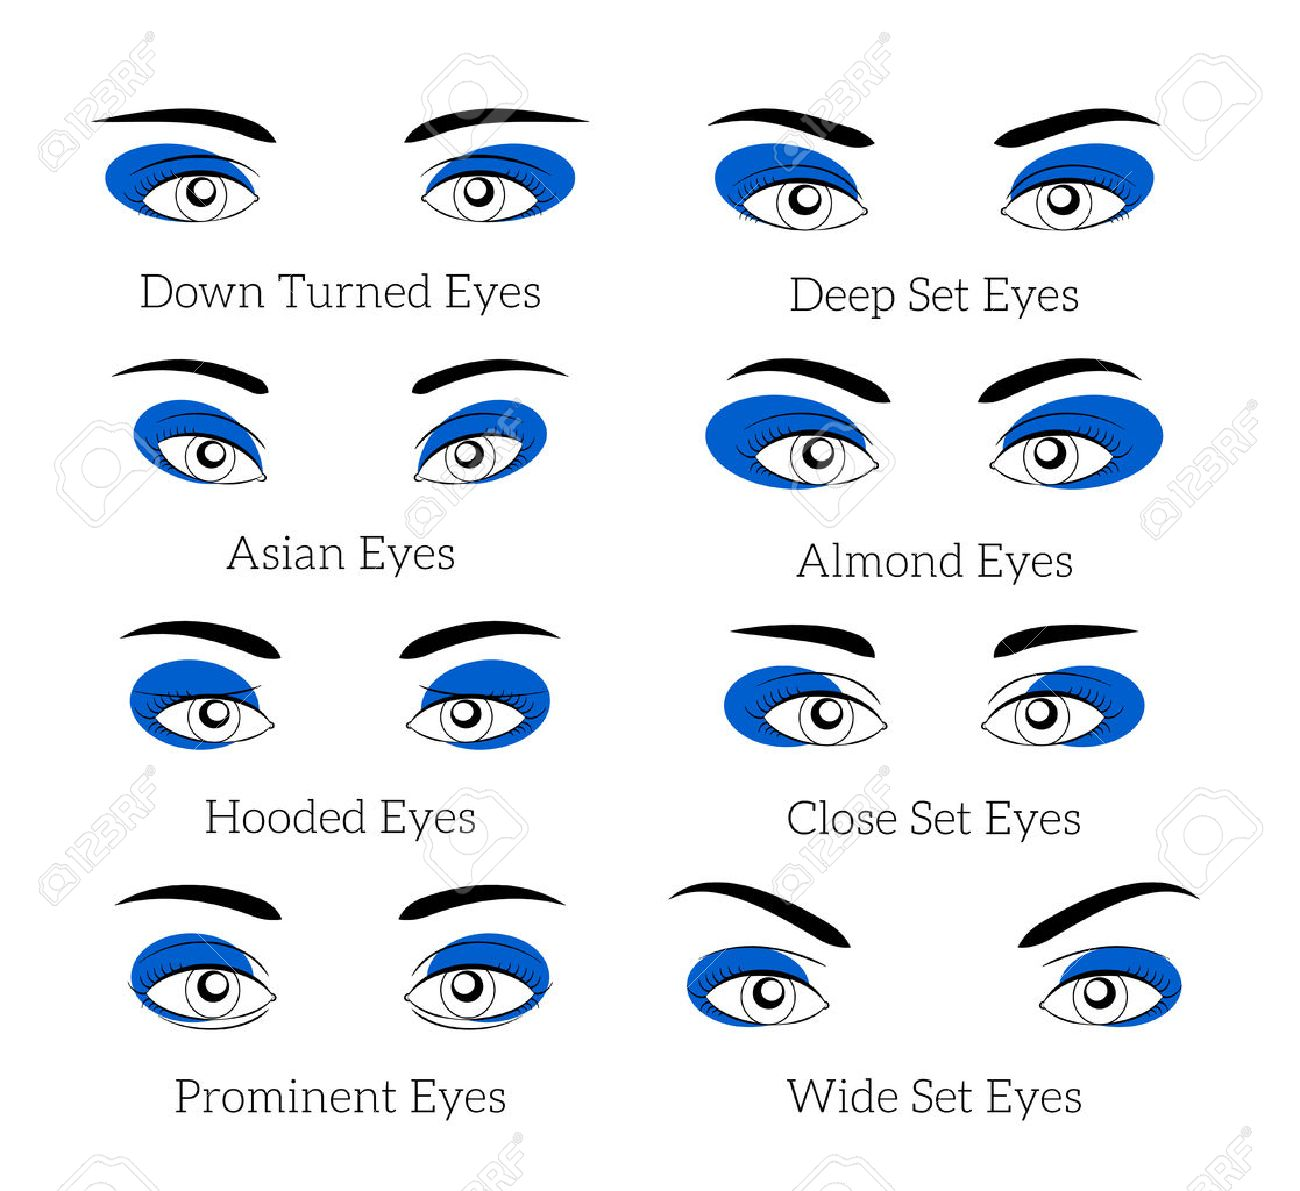 目のための簡単メイクのヒント美まつげ眉マスカラーアイシャドウ